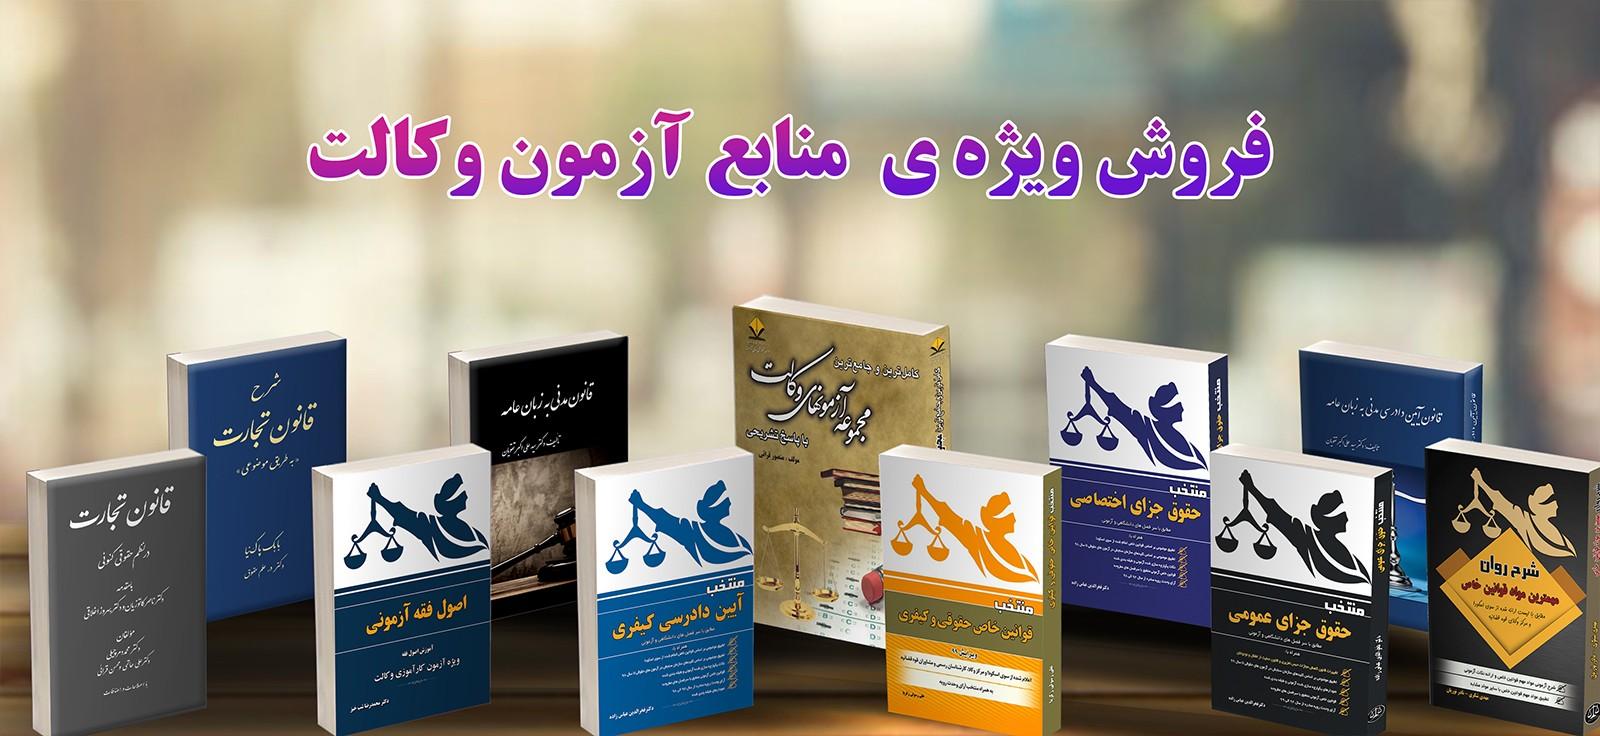 منتخب حقوق ثبت / محمد امین شمس الدینی